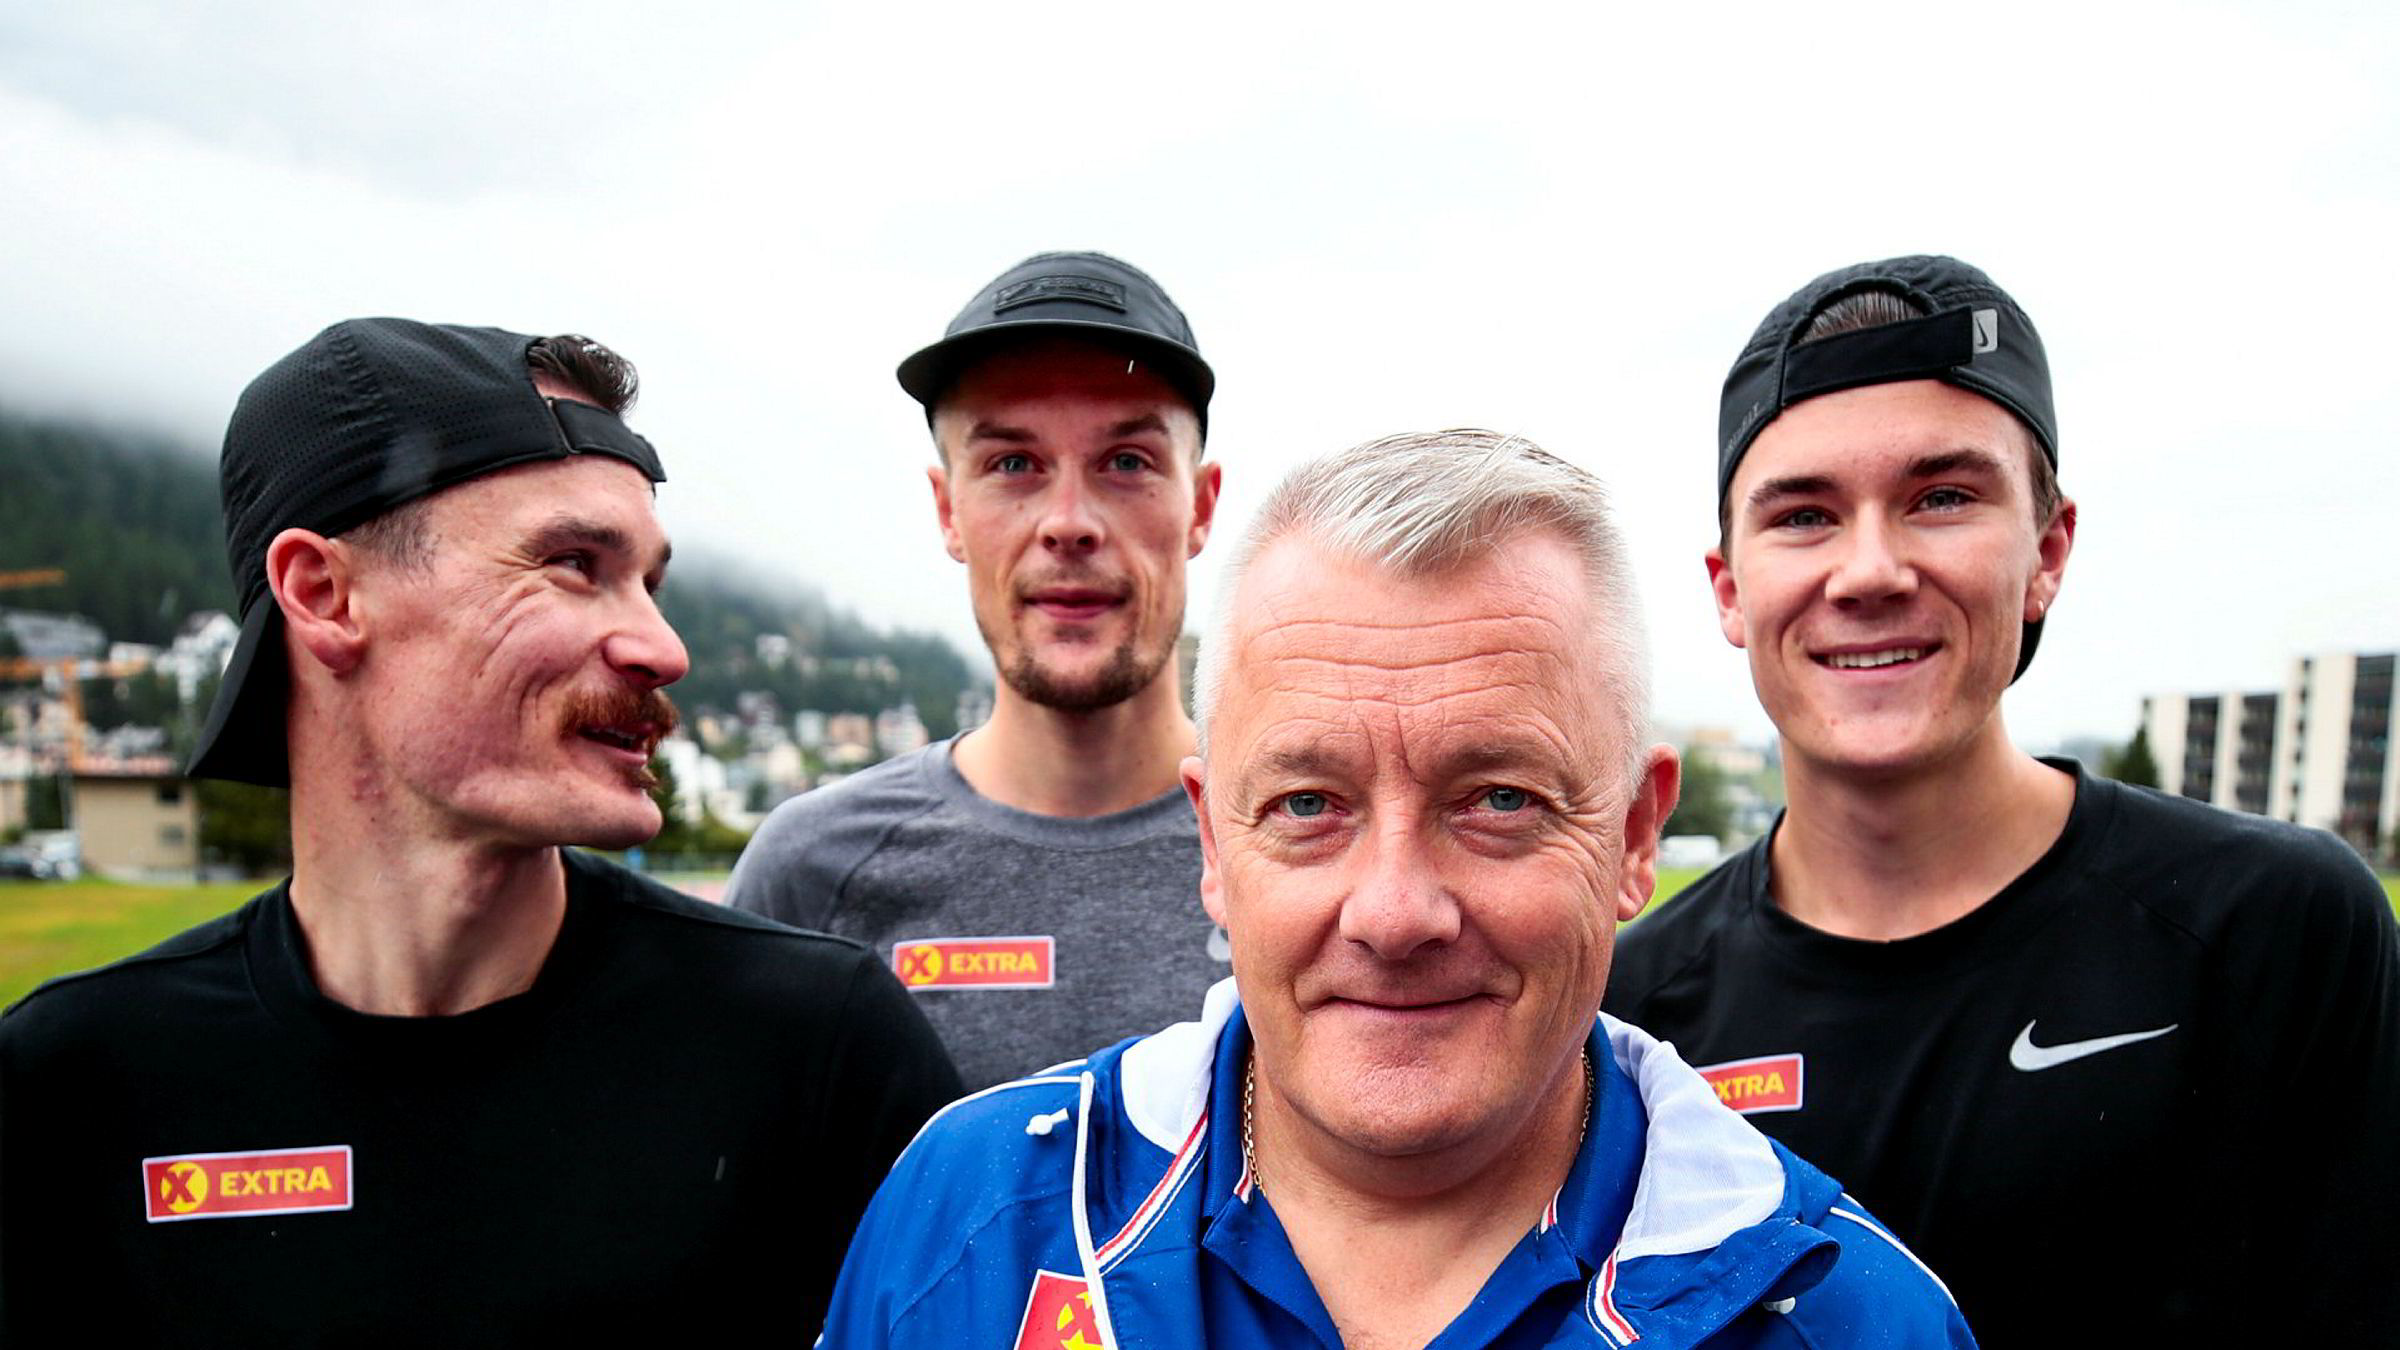 Mens far og trener Gjert Ingebrigtsen har kommandert fra sidelinjen, har Henrik (fra venstre), Filip og Jakob Ingebrigtsen løpt seg inn i det norske folks hjerter.